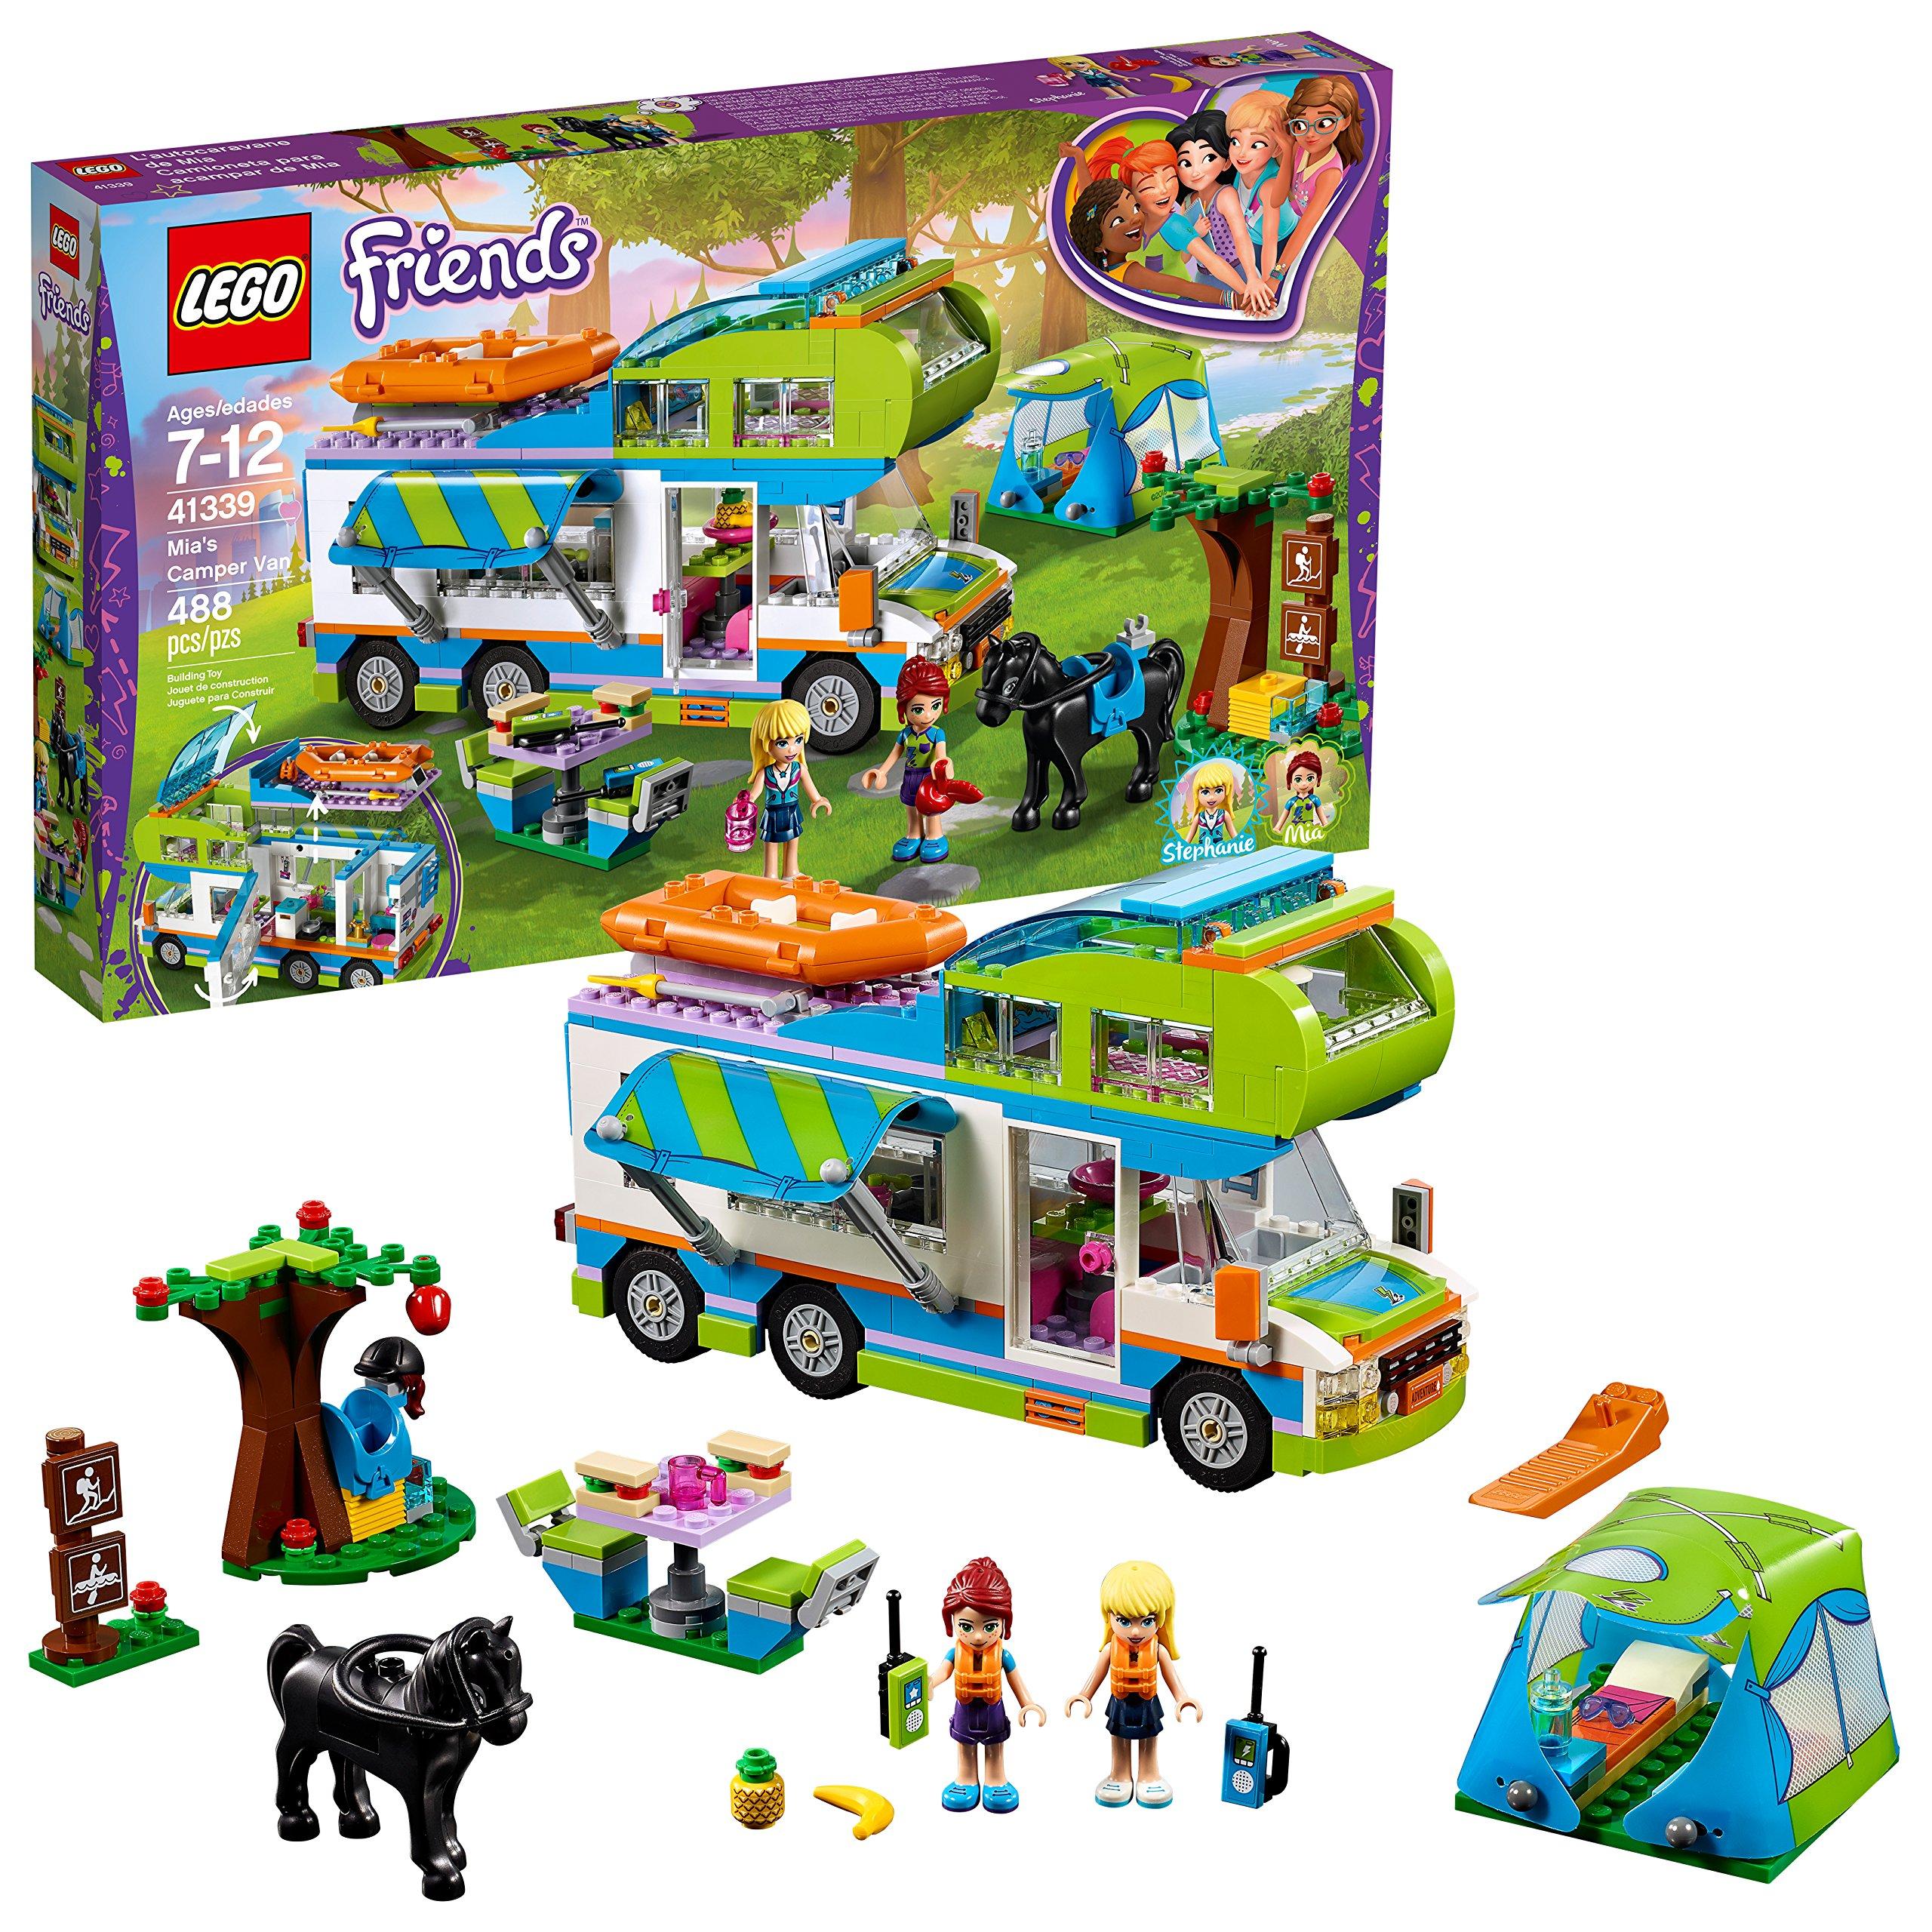 LEGO Friends Mia's Camper Van 41339 Building Set (488 Pieces) by LEGO